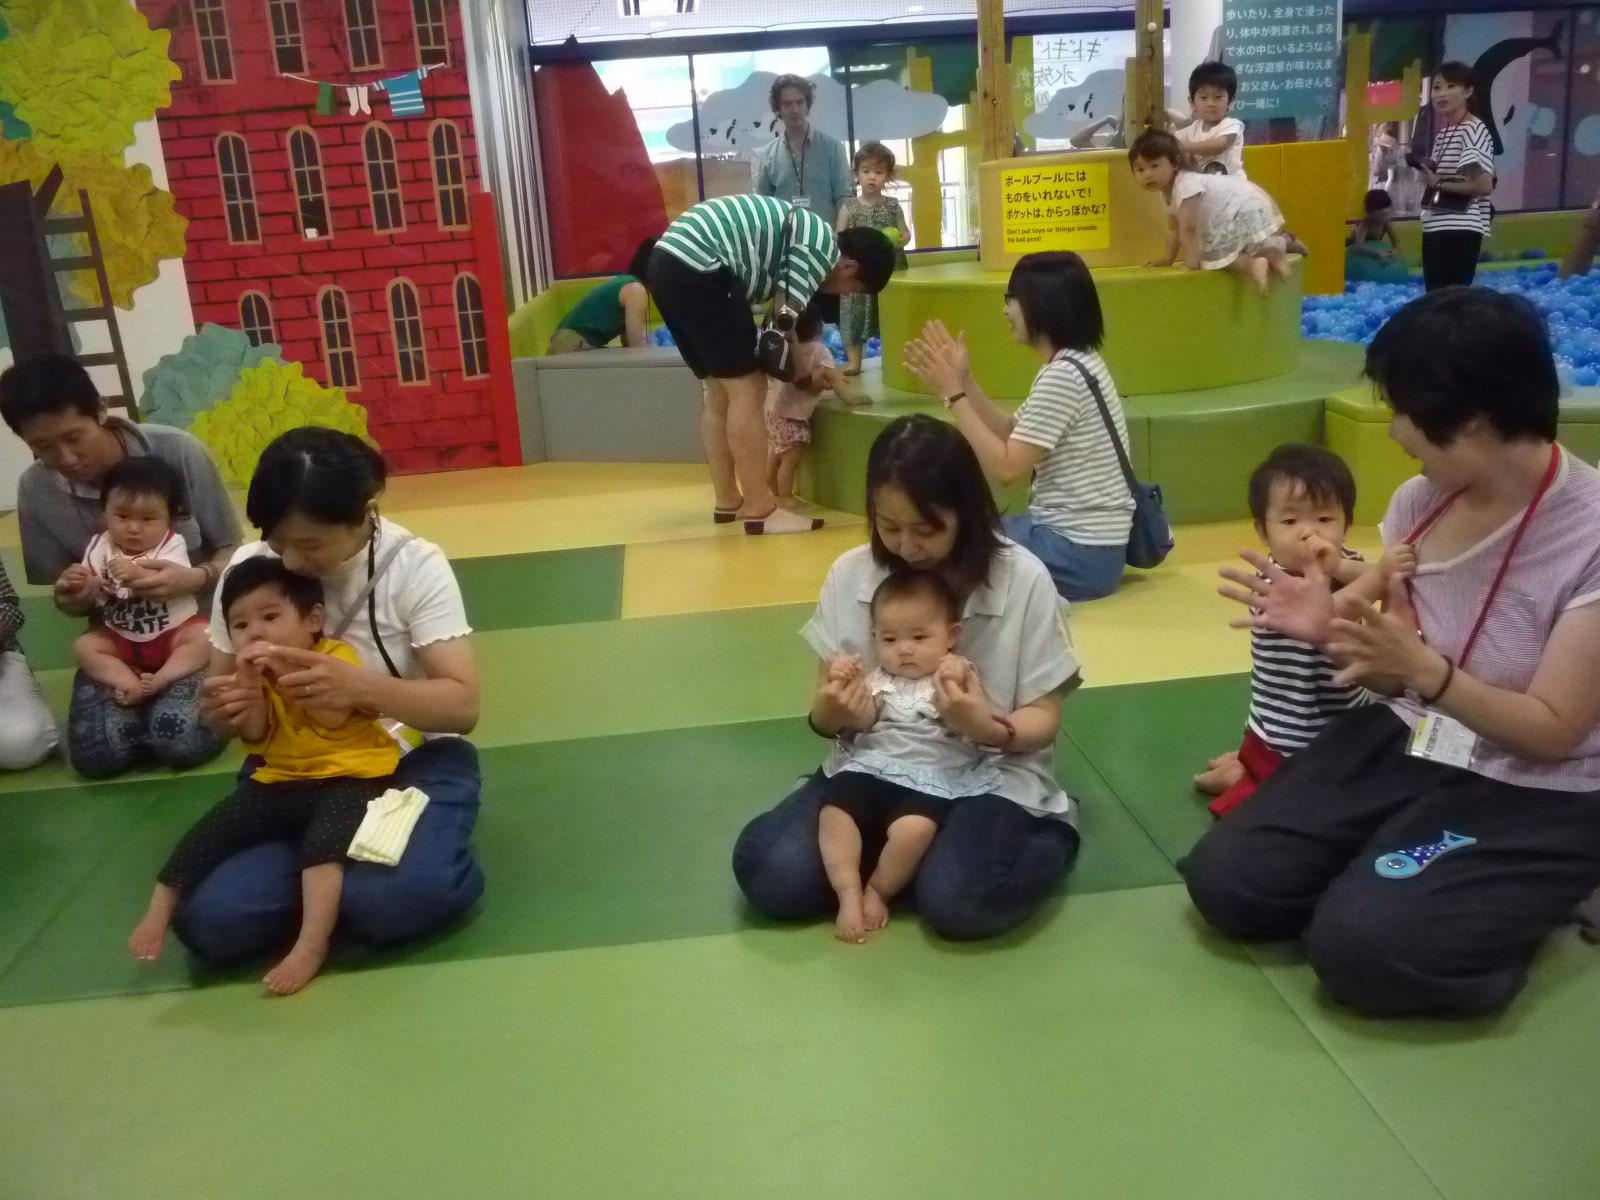 7月19日赤ちゃんの日のご報告(手形)